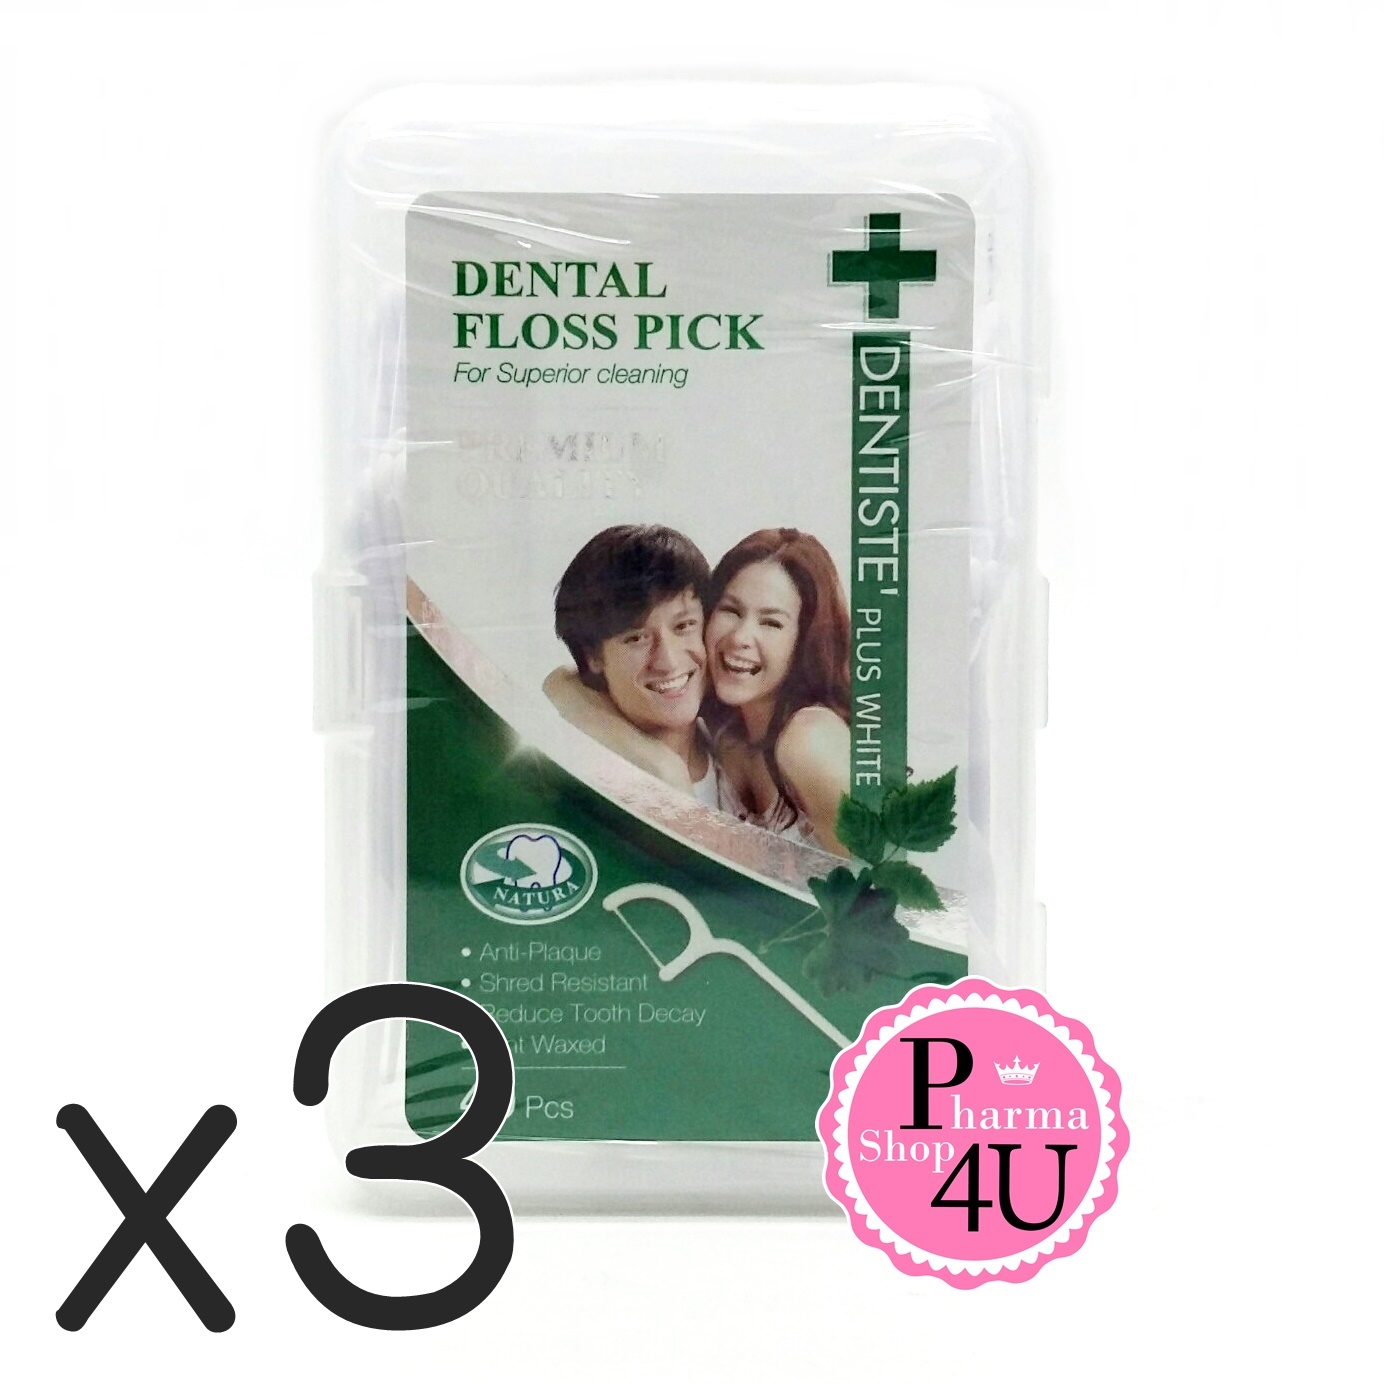 (ซื้อ3 ราคาพิเศษ) DENTISTE DENTAL FLOSS PICK 40 ชิ้น ไหมขัดฟันมีด้ามจับ รสมิ้น DENTISTE DENTAL FLOSS PICK 40 ชิ้น ไหมขัดฟันมีด้ามจับ รสมิ้น